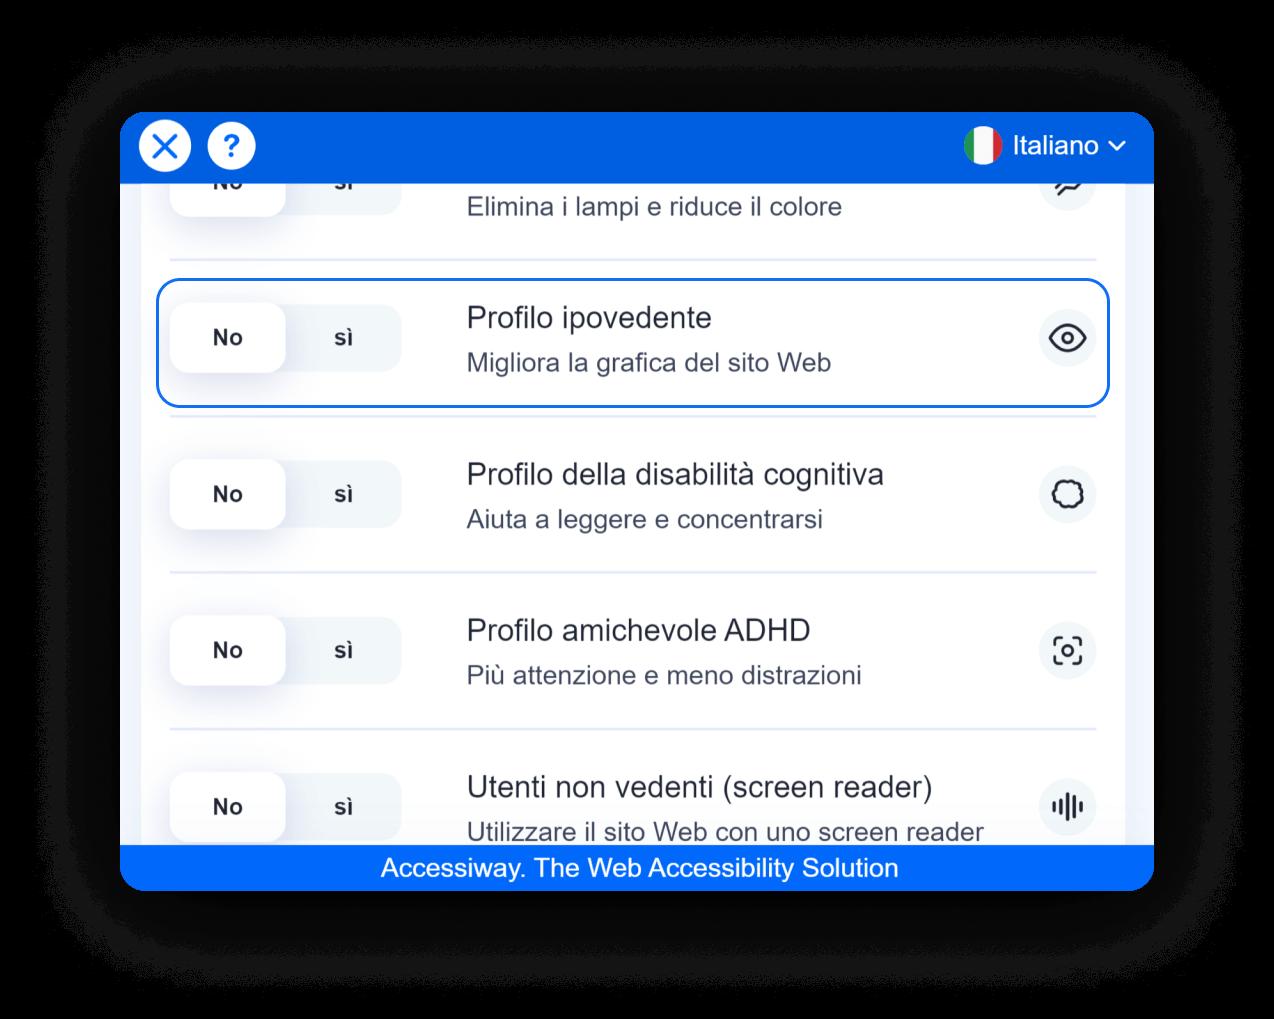 Interfaccia di AccessiWay con selezionato il profilo ipovedente